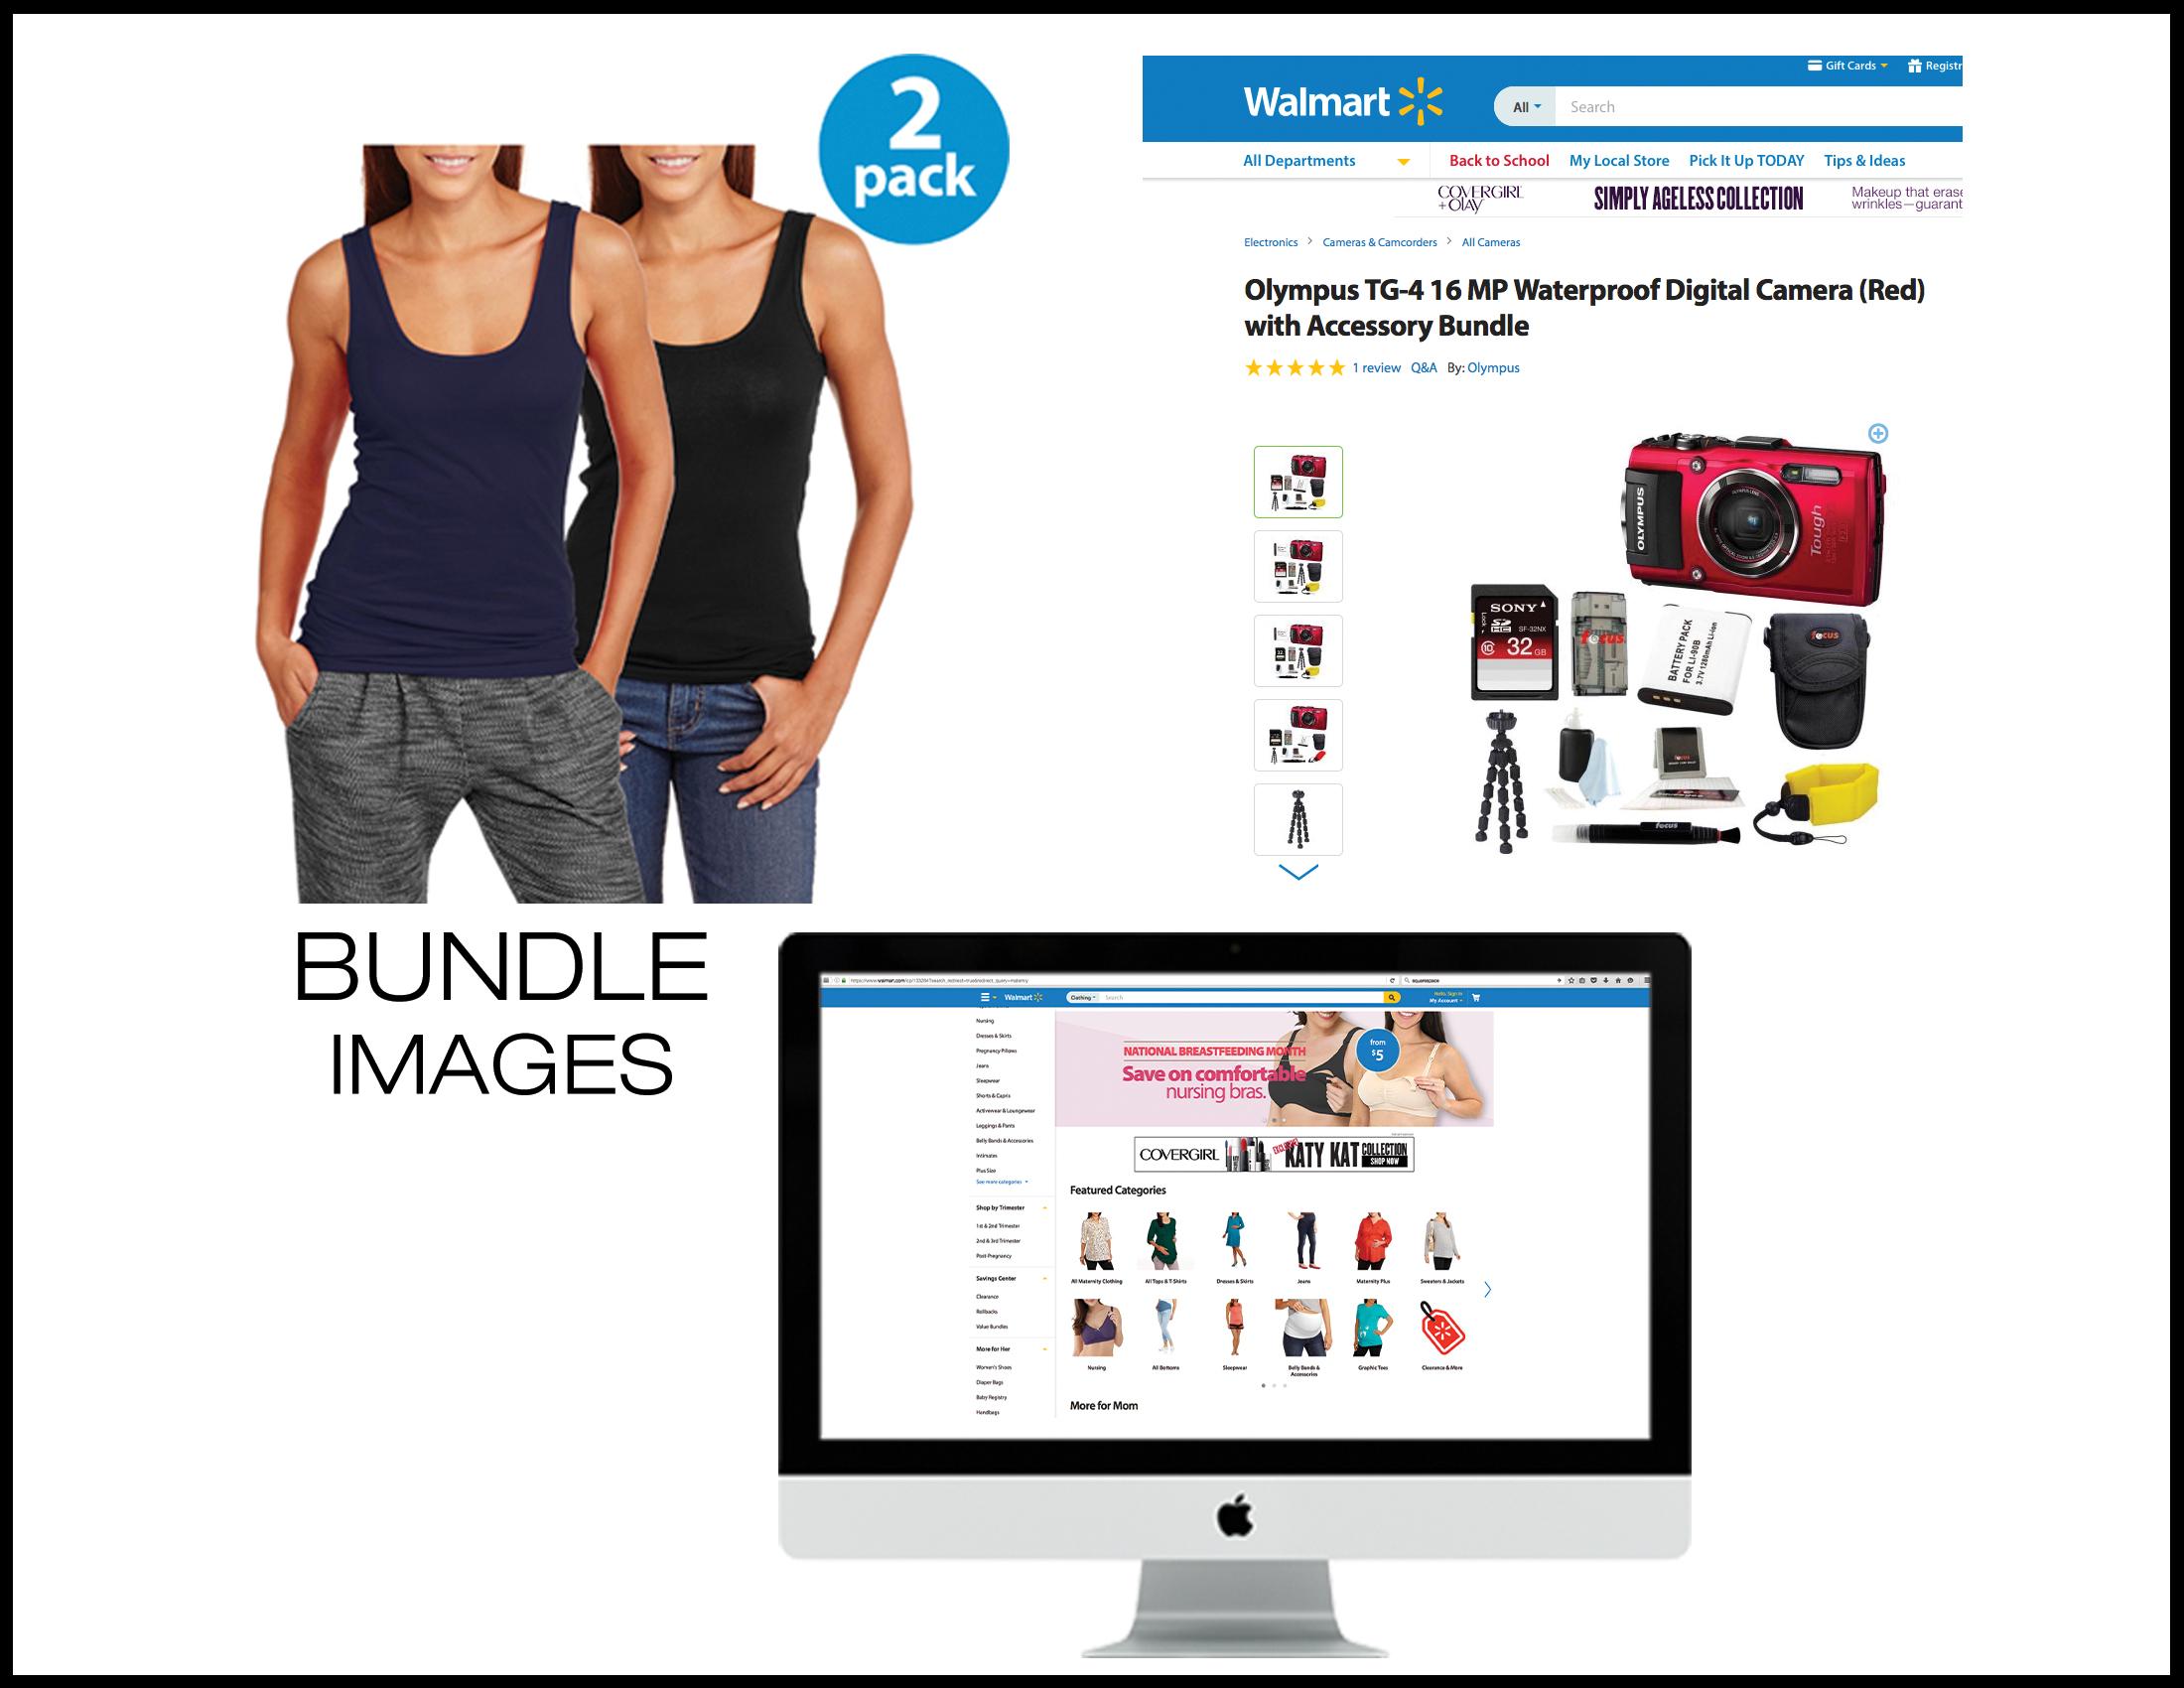 1 bundle.jpg